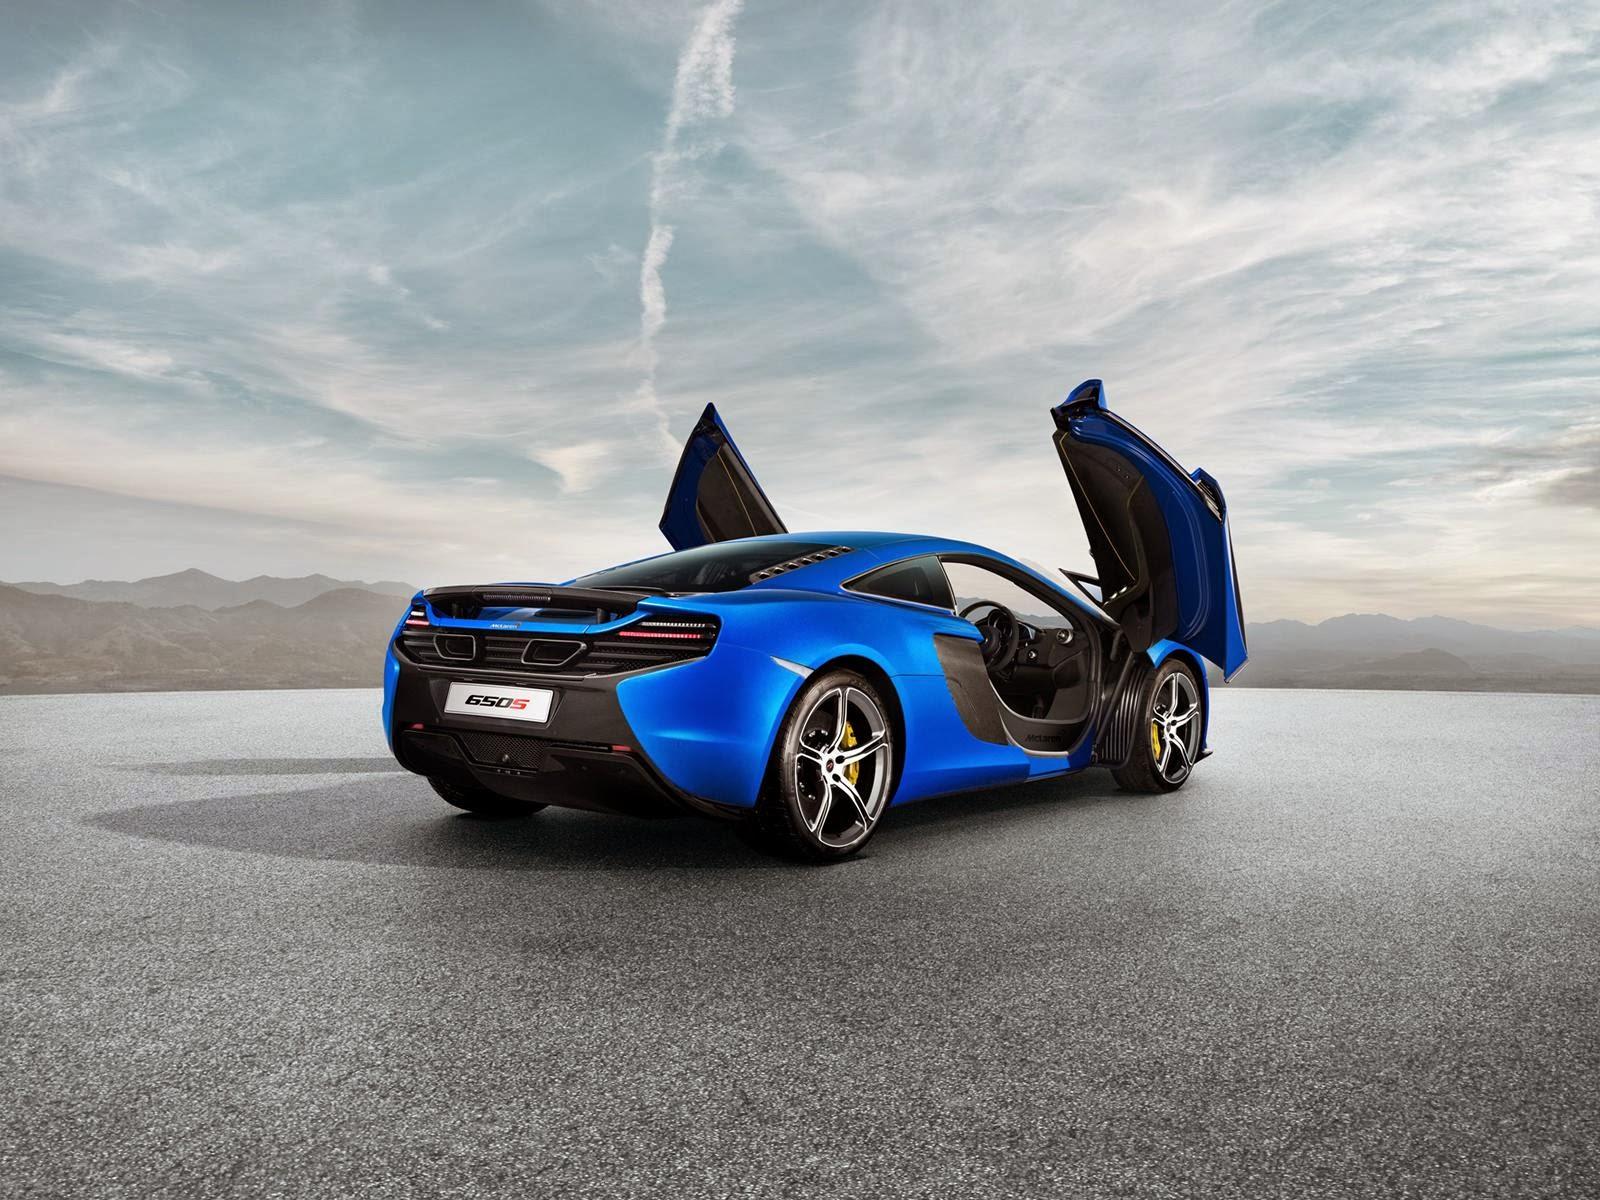 [Resim: McLaren+650S+2.jpg]